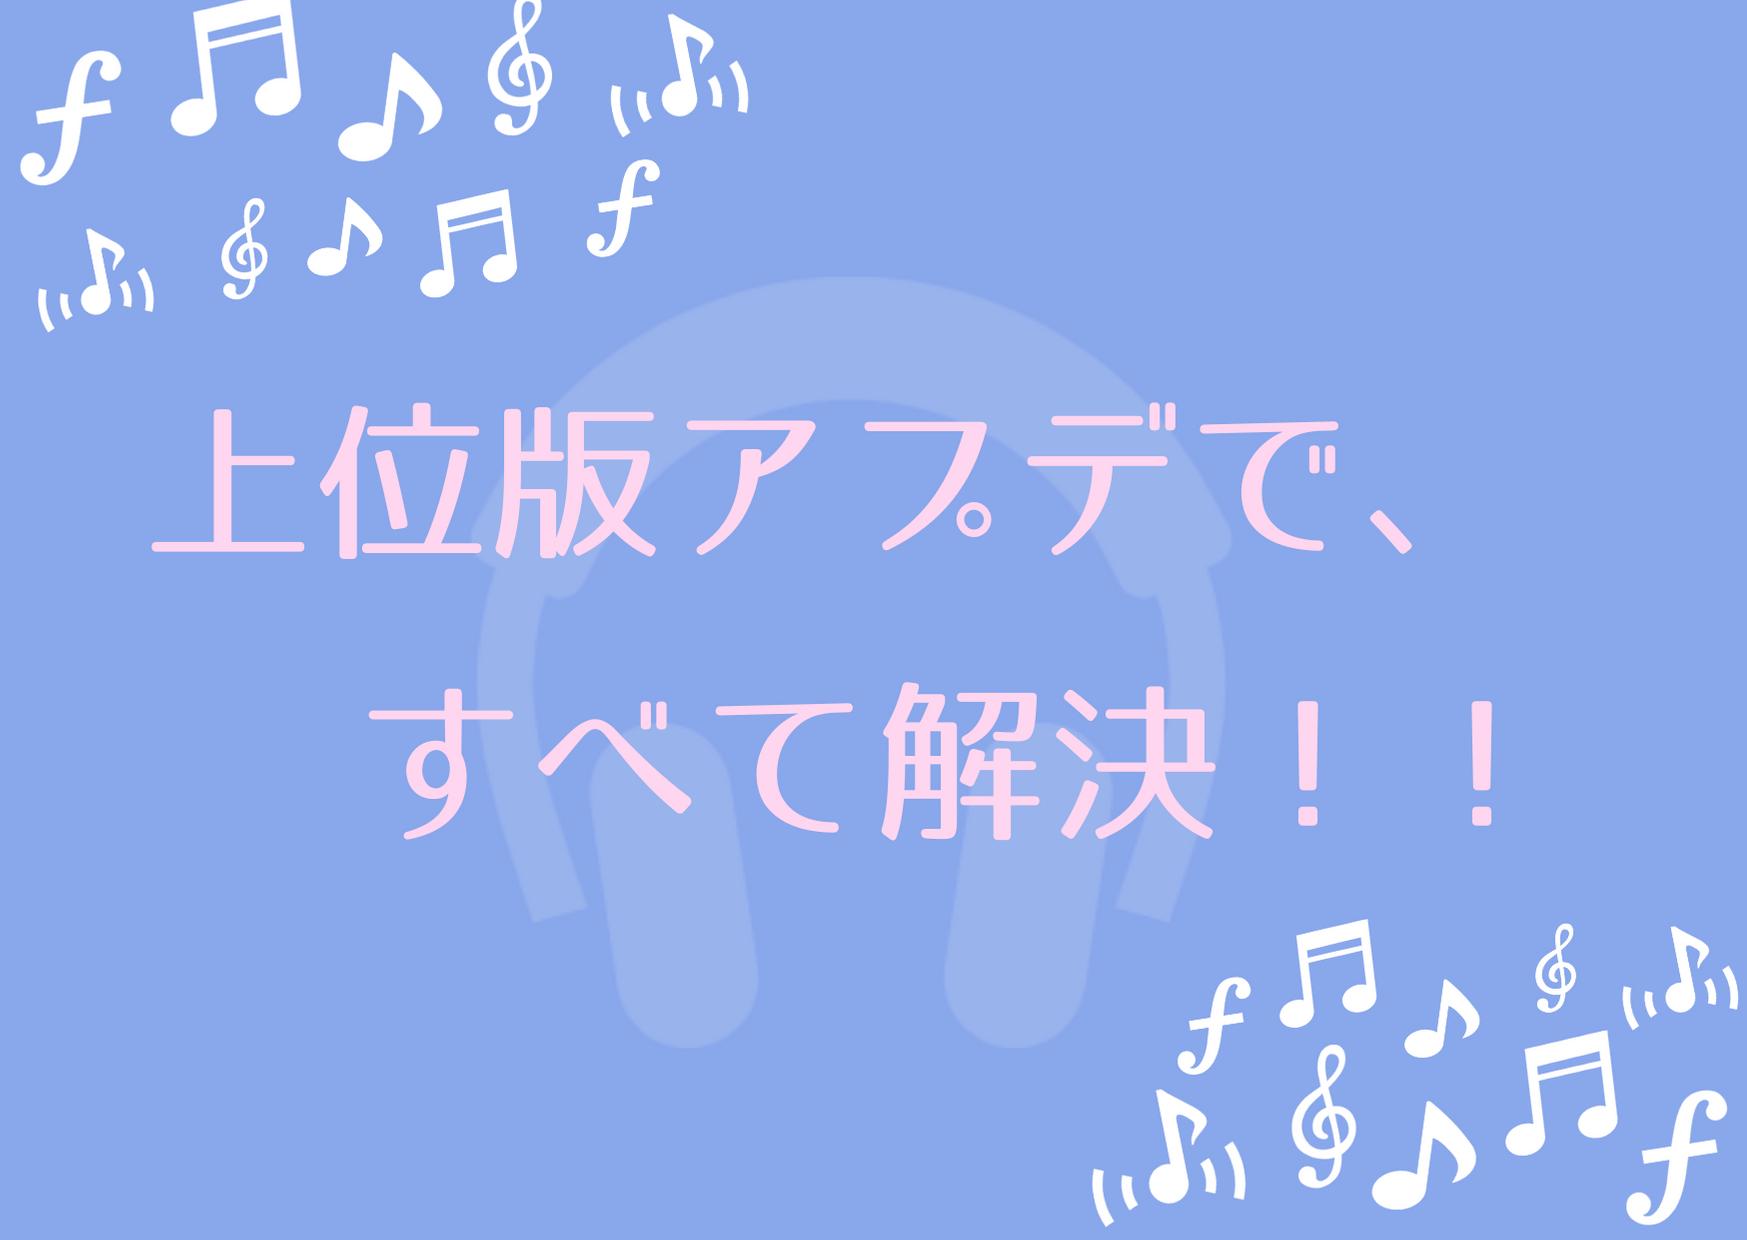 プライムミュージック Prime Music 少ない 微妙